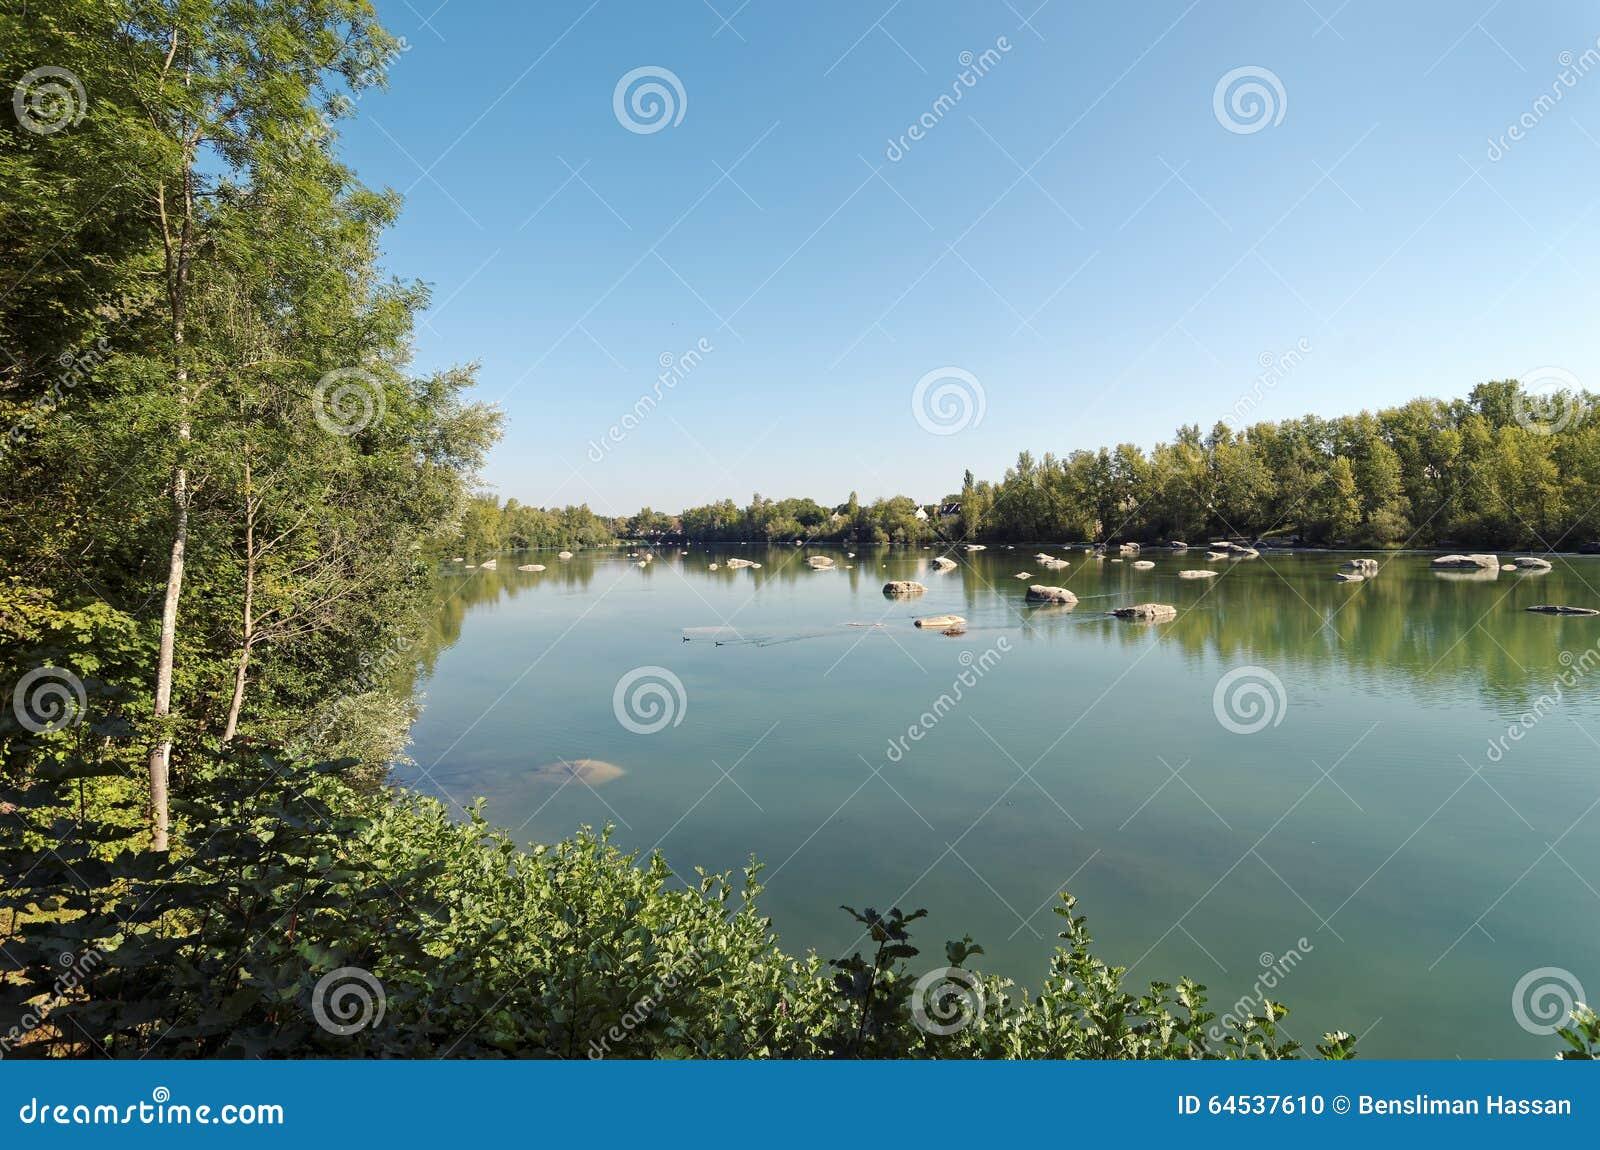 Camping Le Lac d'Orient dans l'Aube, une adresse 4 étoiles pour se ressourcer en famille